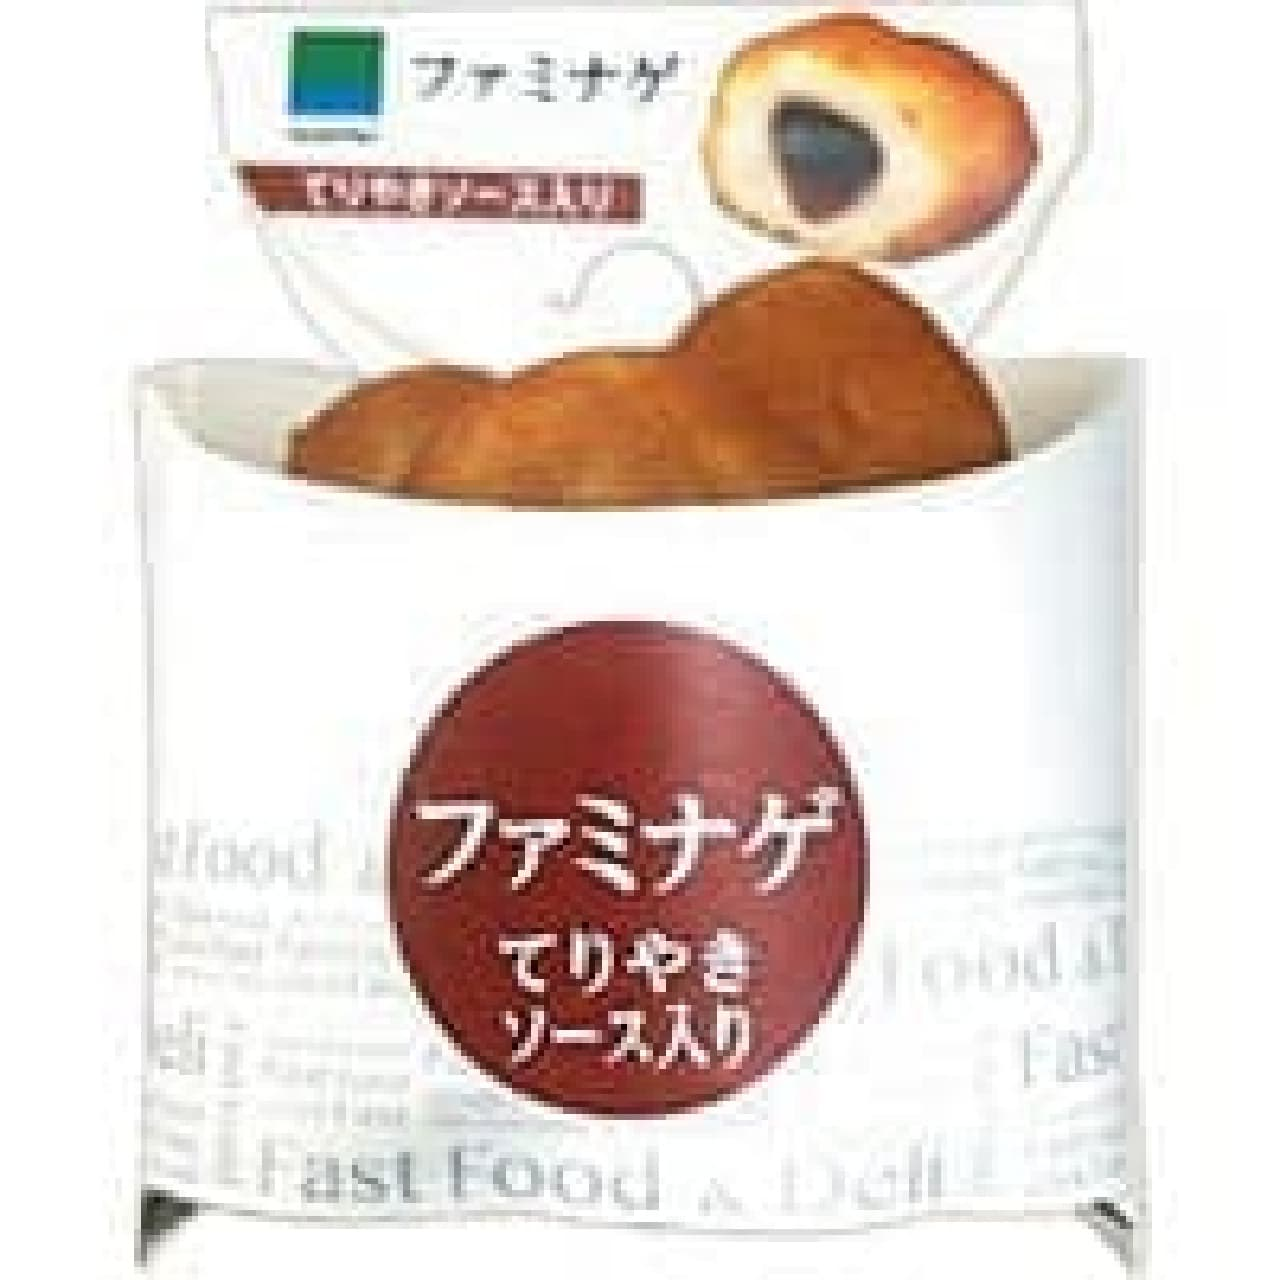 ファミナゲ(てりやきソース入り)